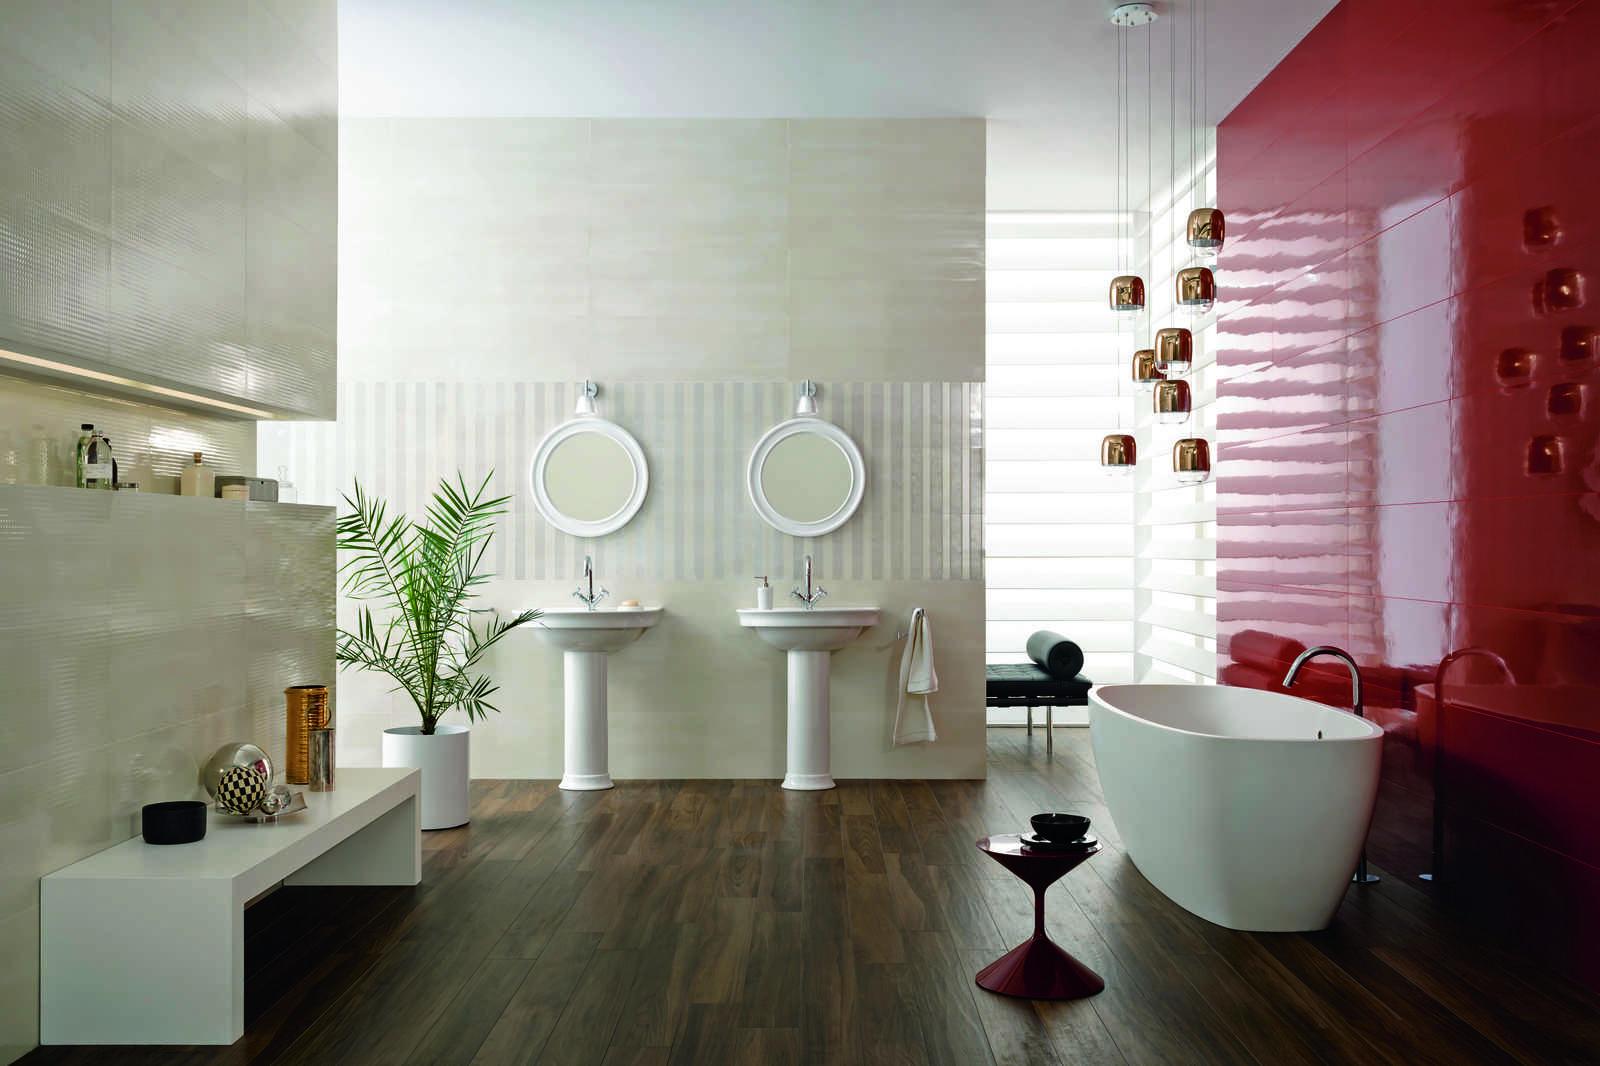 Imperfetto piastrelle bagno colorate marazzi - Piastrelle ceramica bagno ...